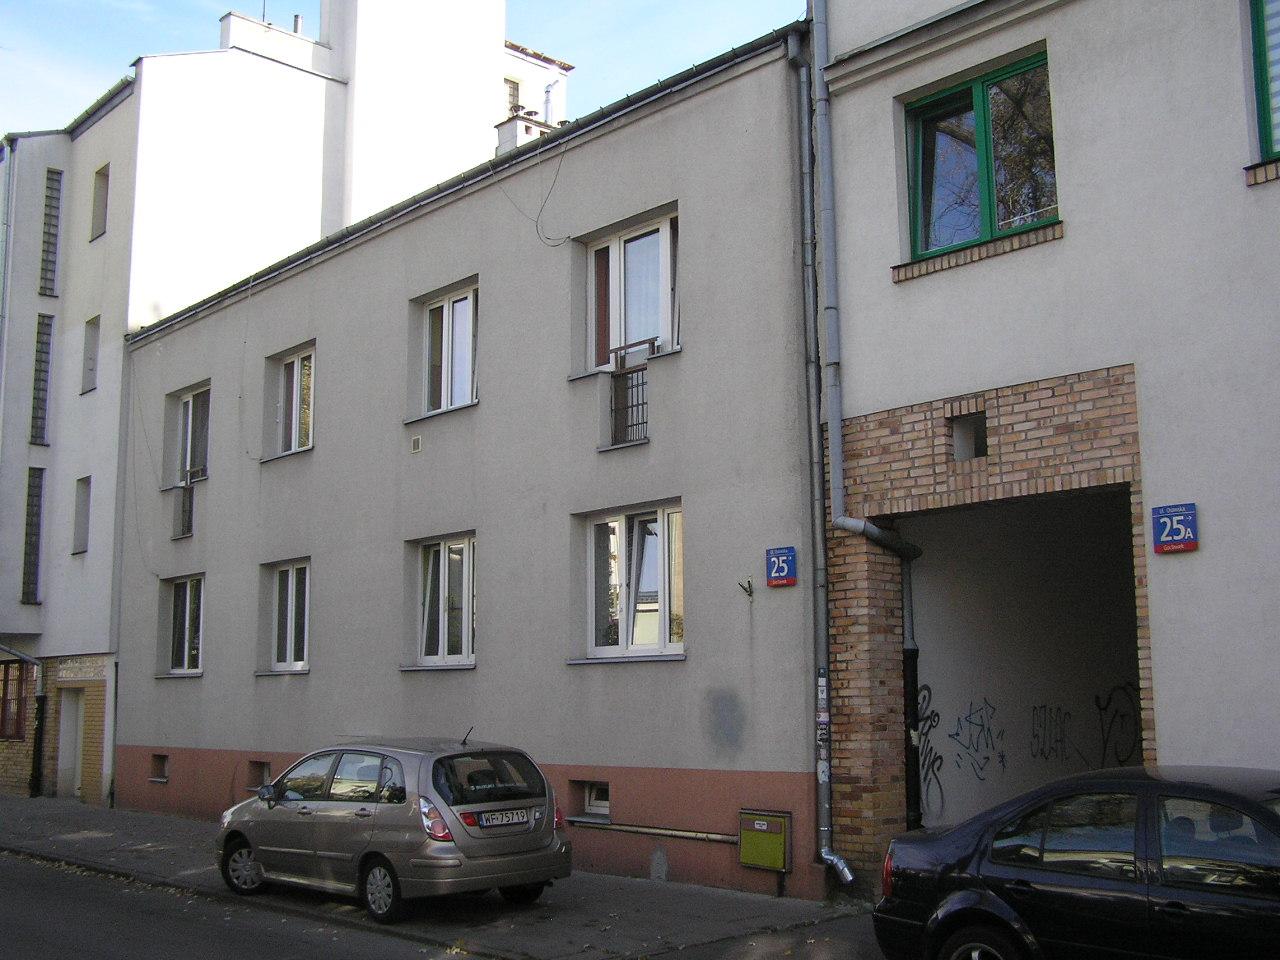 Osowska 25